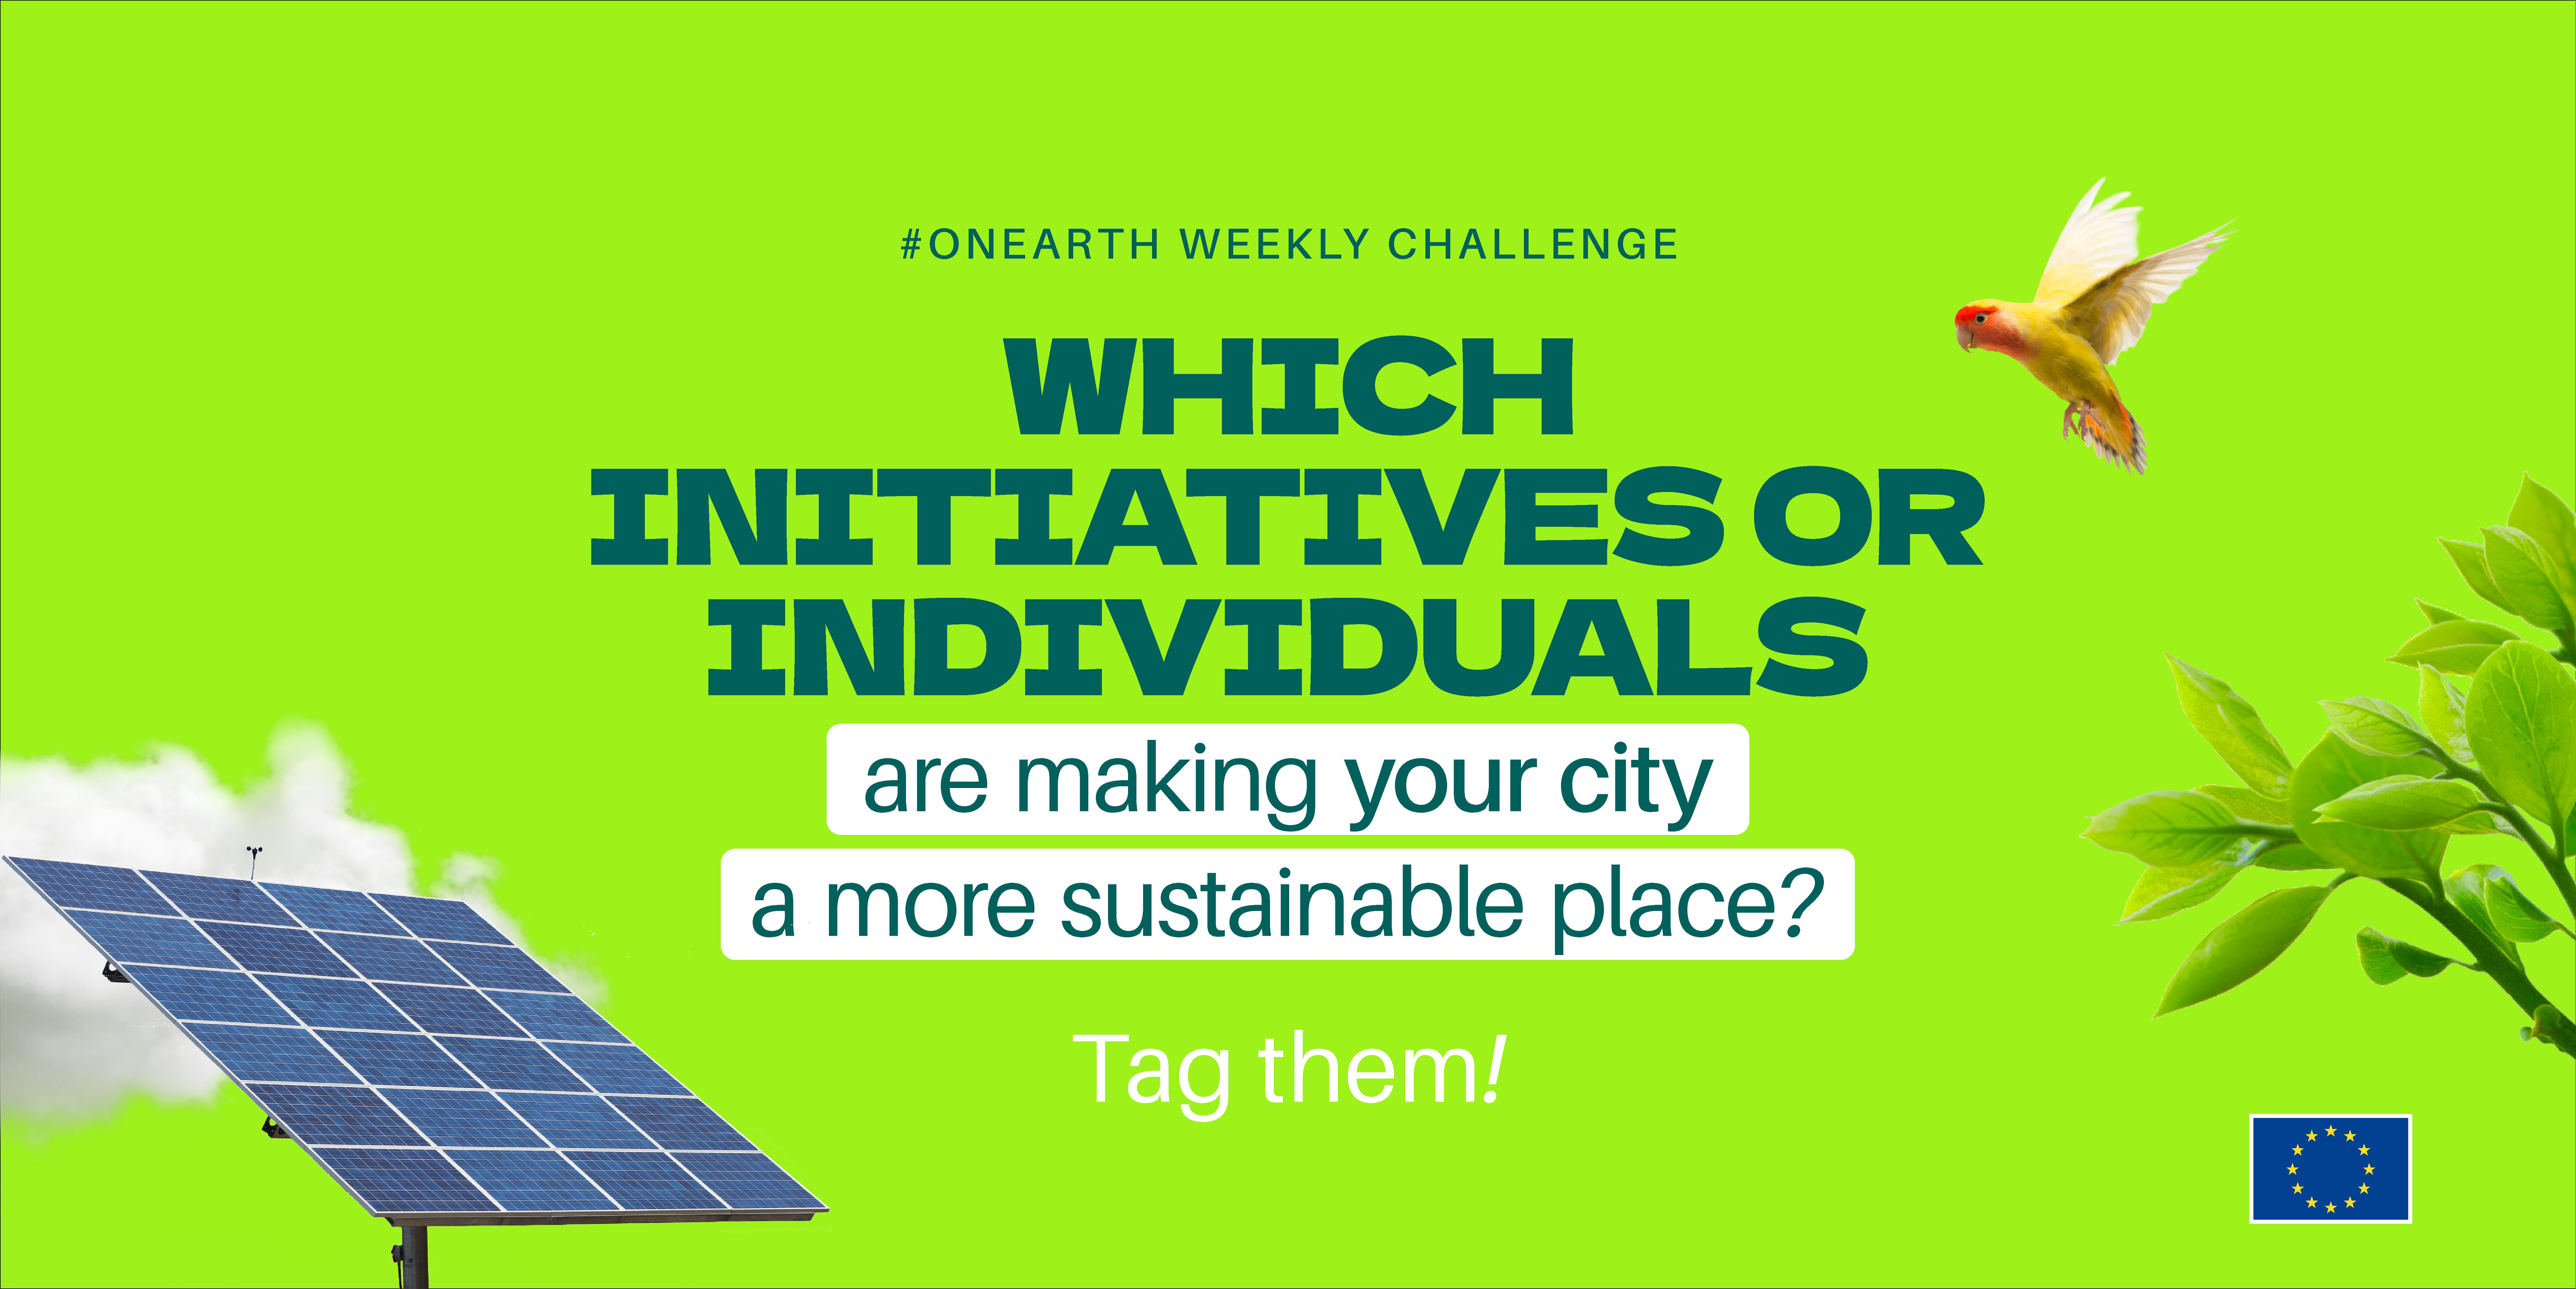 #OnEath Challenge - Week 2